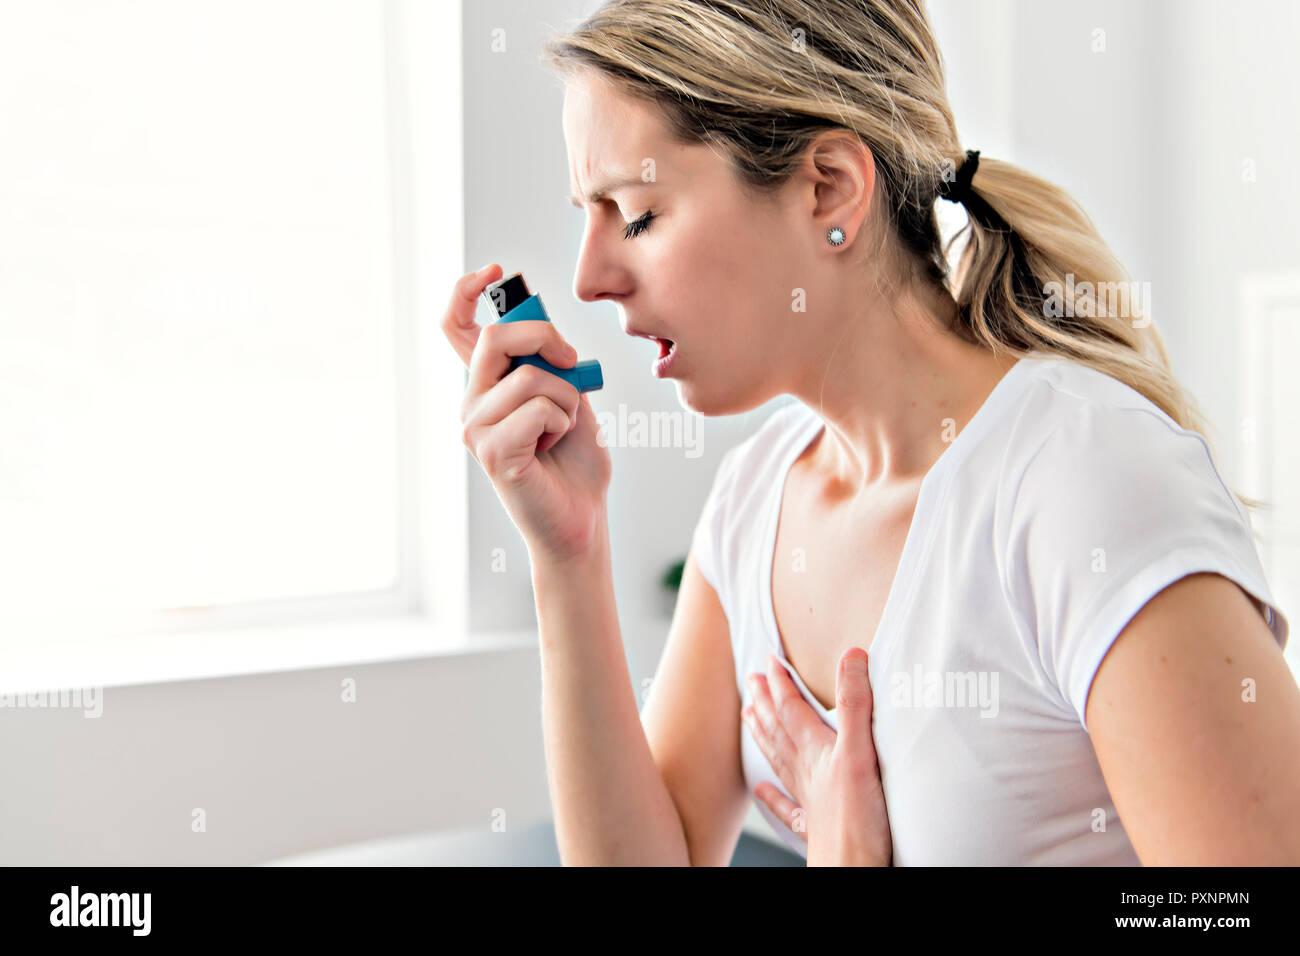 Einen Asthmatiker mit Ihren Inhalator, weil der Atem Schwierigkeiten Stockbild